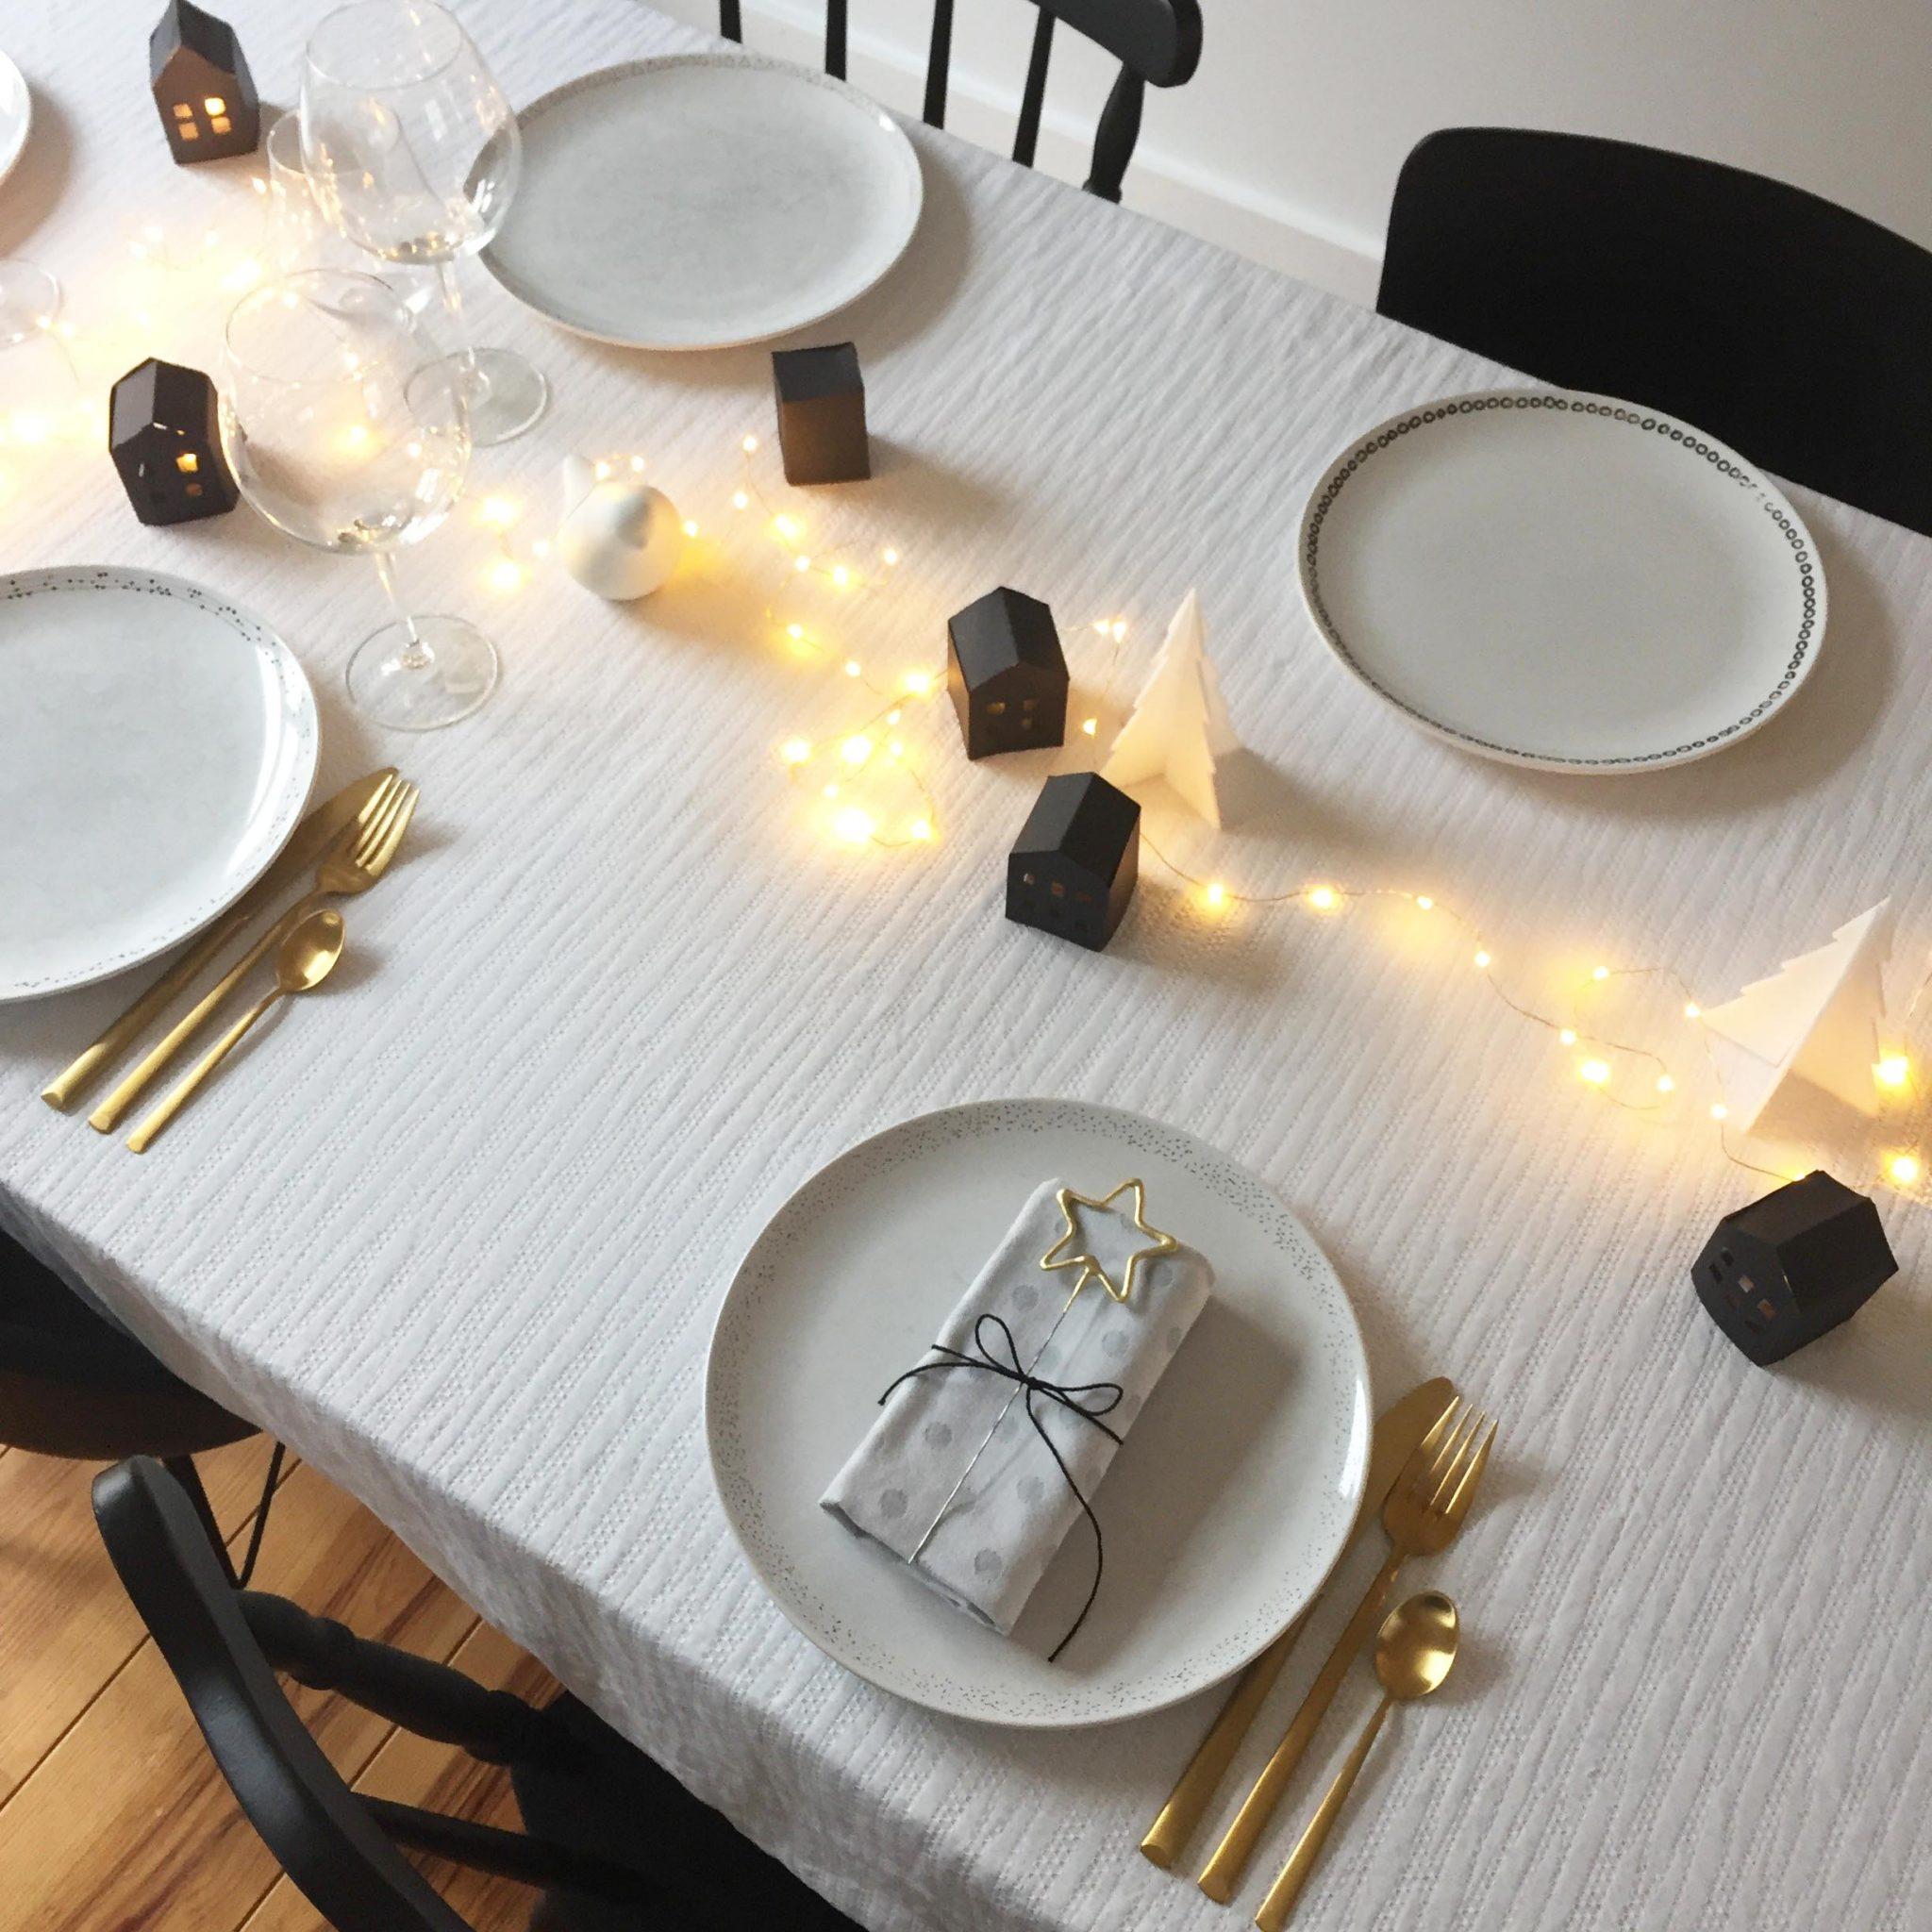 pierre papier ciseaux décoration table fêtes noel